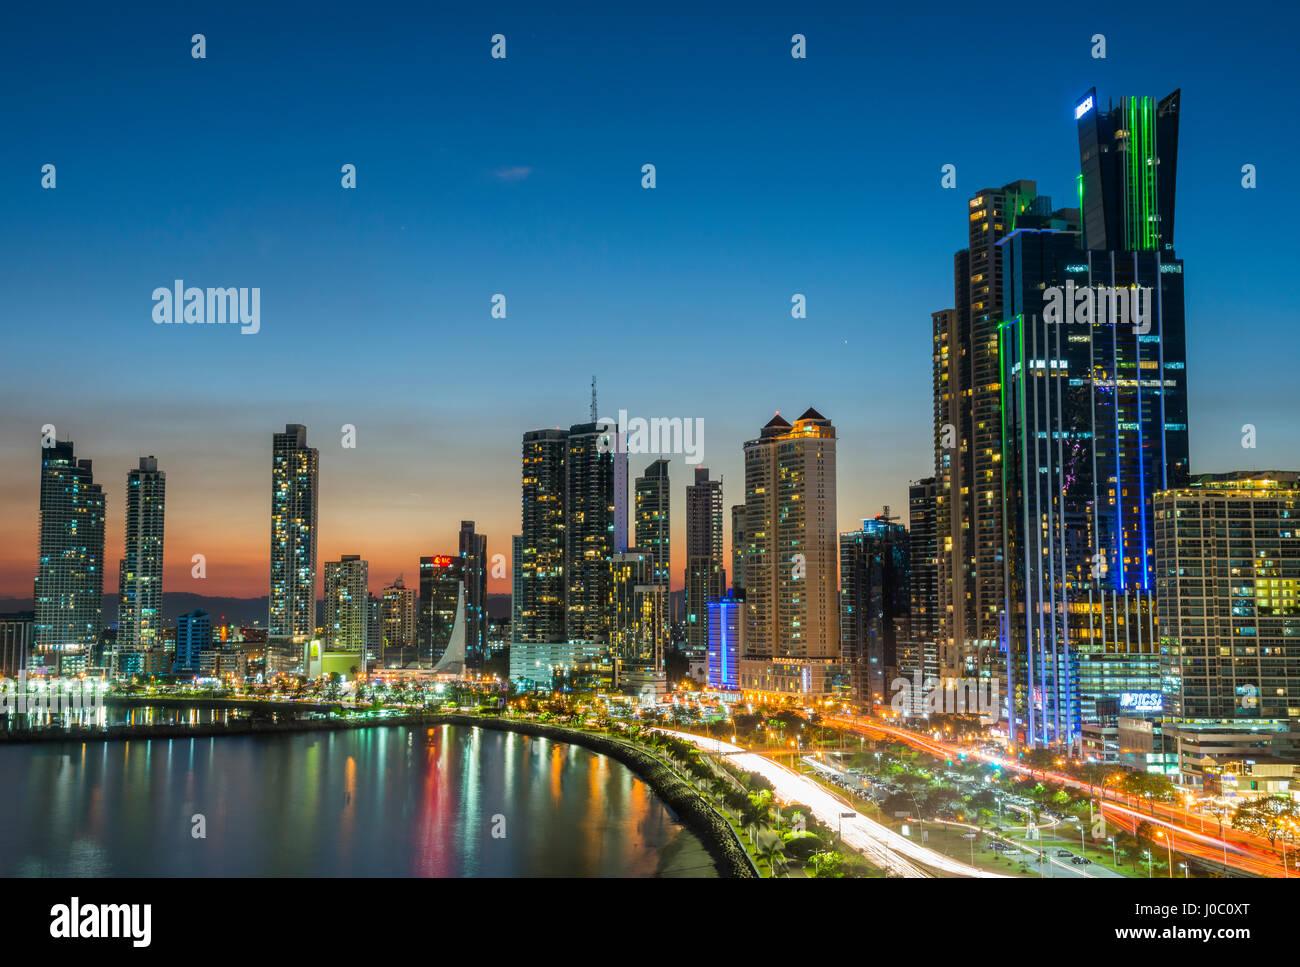 L'horizon de la ville de Panama, la nuit, la ville de Panama, Panama, Amérique Centrale Photo Stock